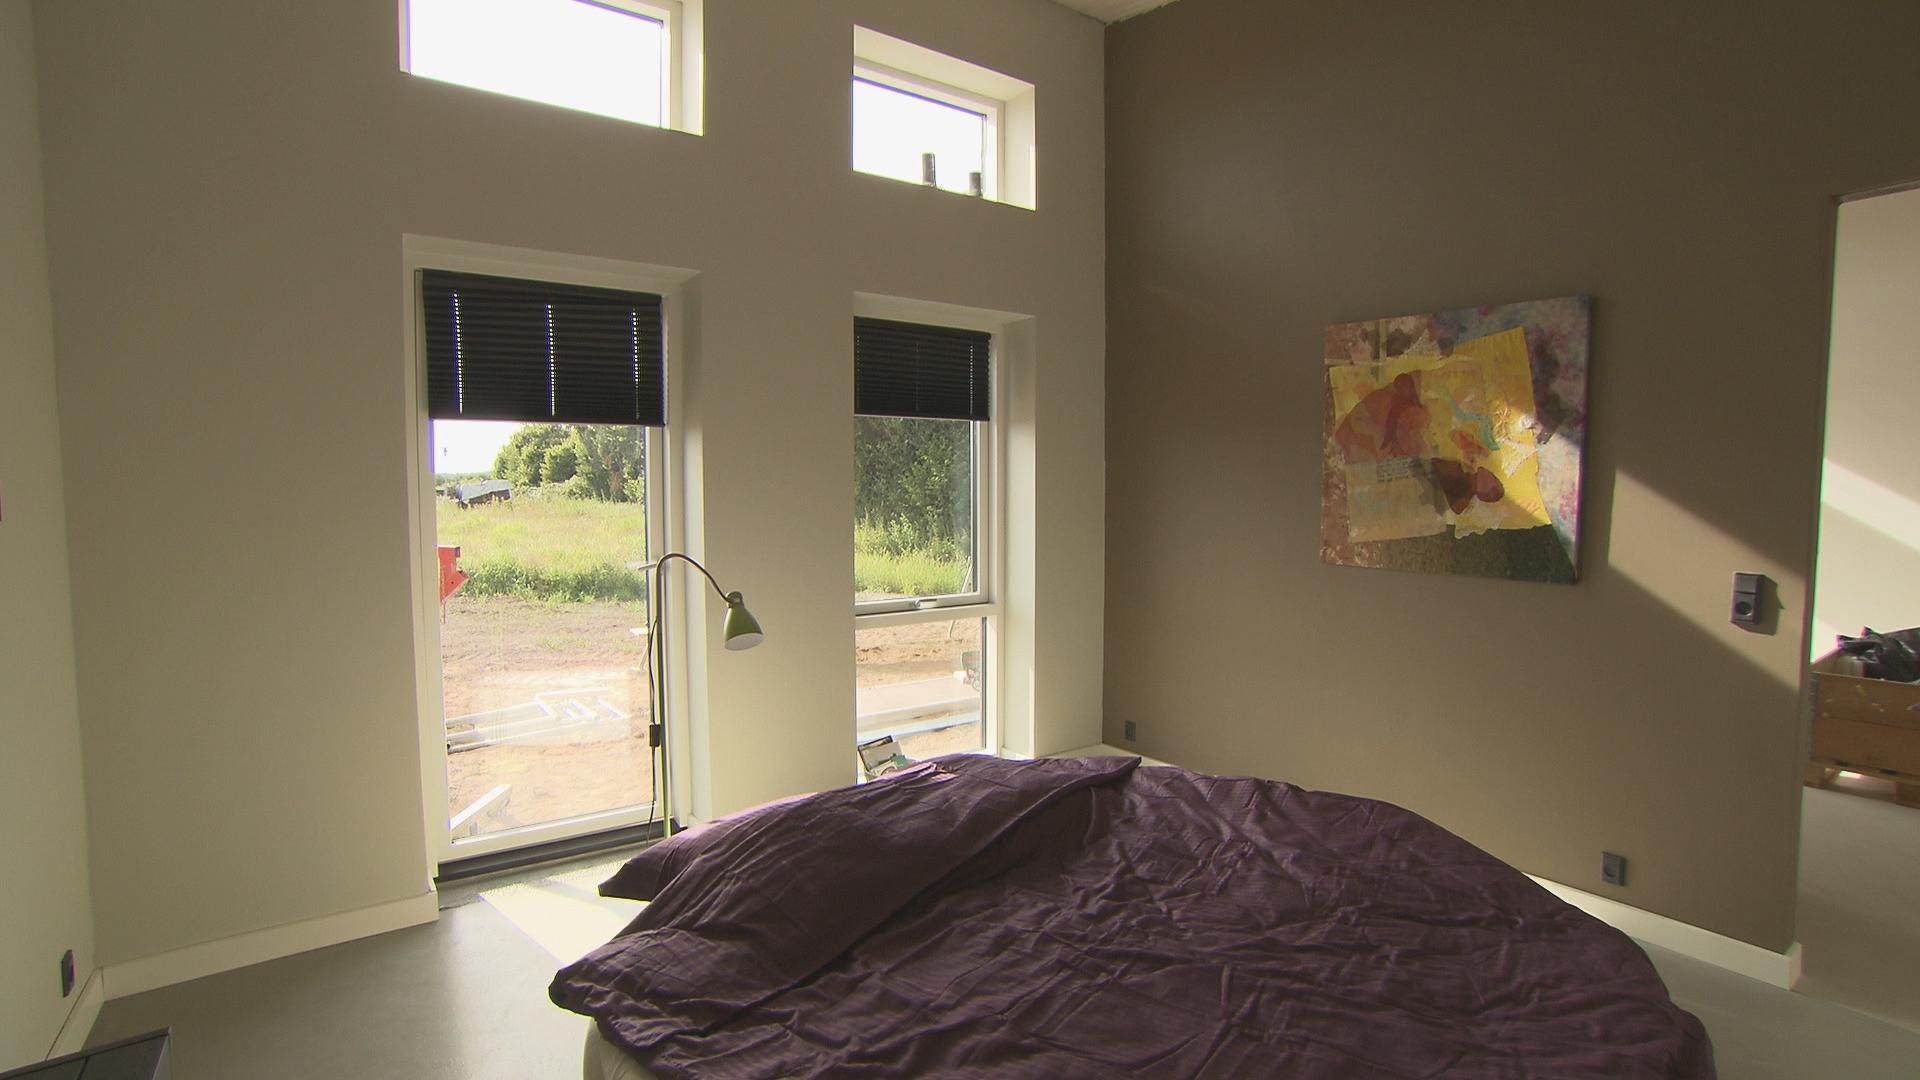 Nybbygerne soveværelse 4 - efter 2